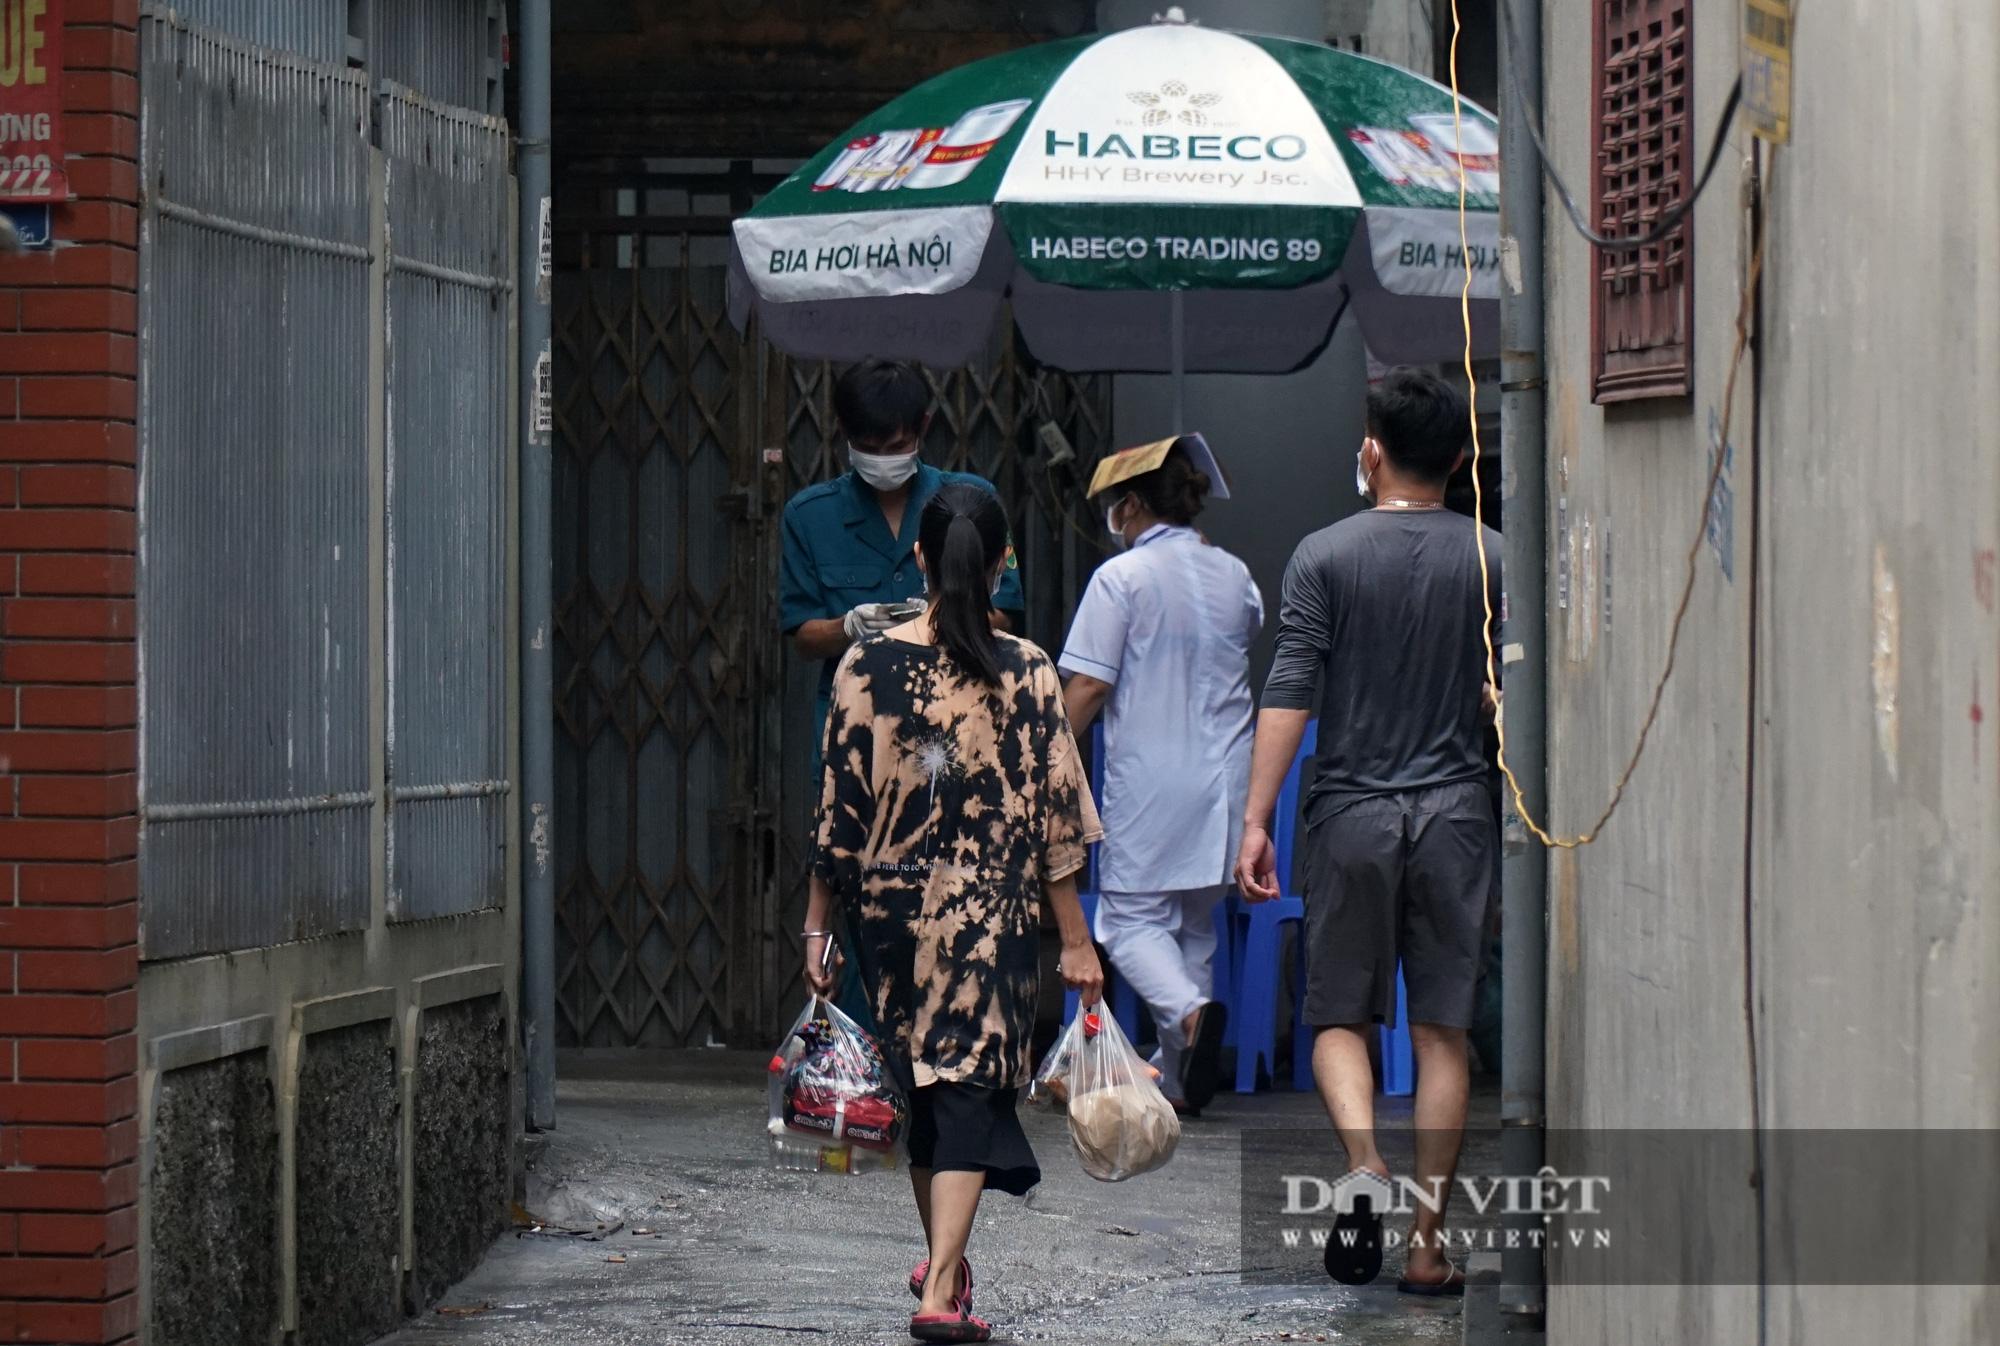 Mang gạo, mỳ tôm, thịt gà tiếp tế cho người dân trong khu phố Kiều Mai bị phong toả - Ảnh 9.